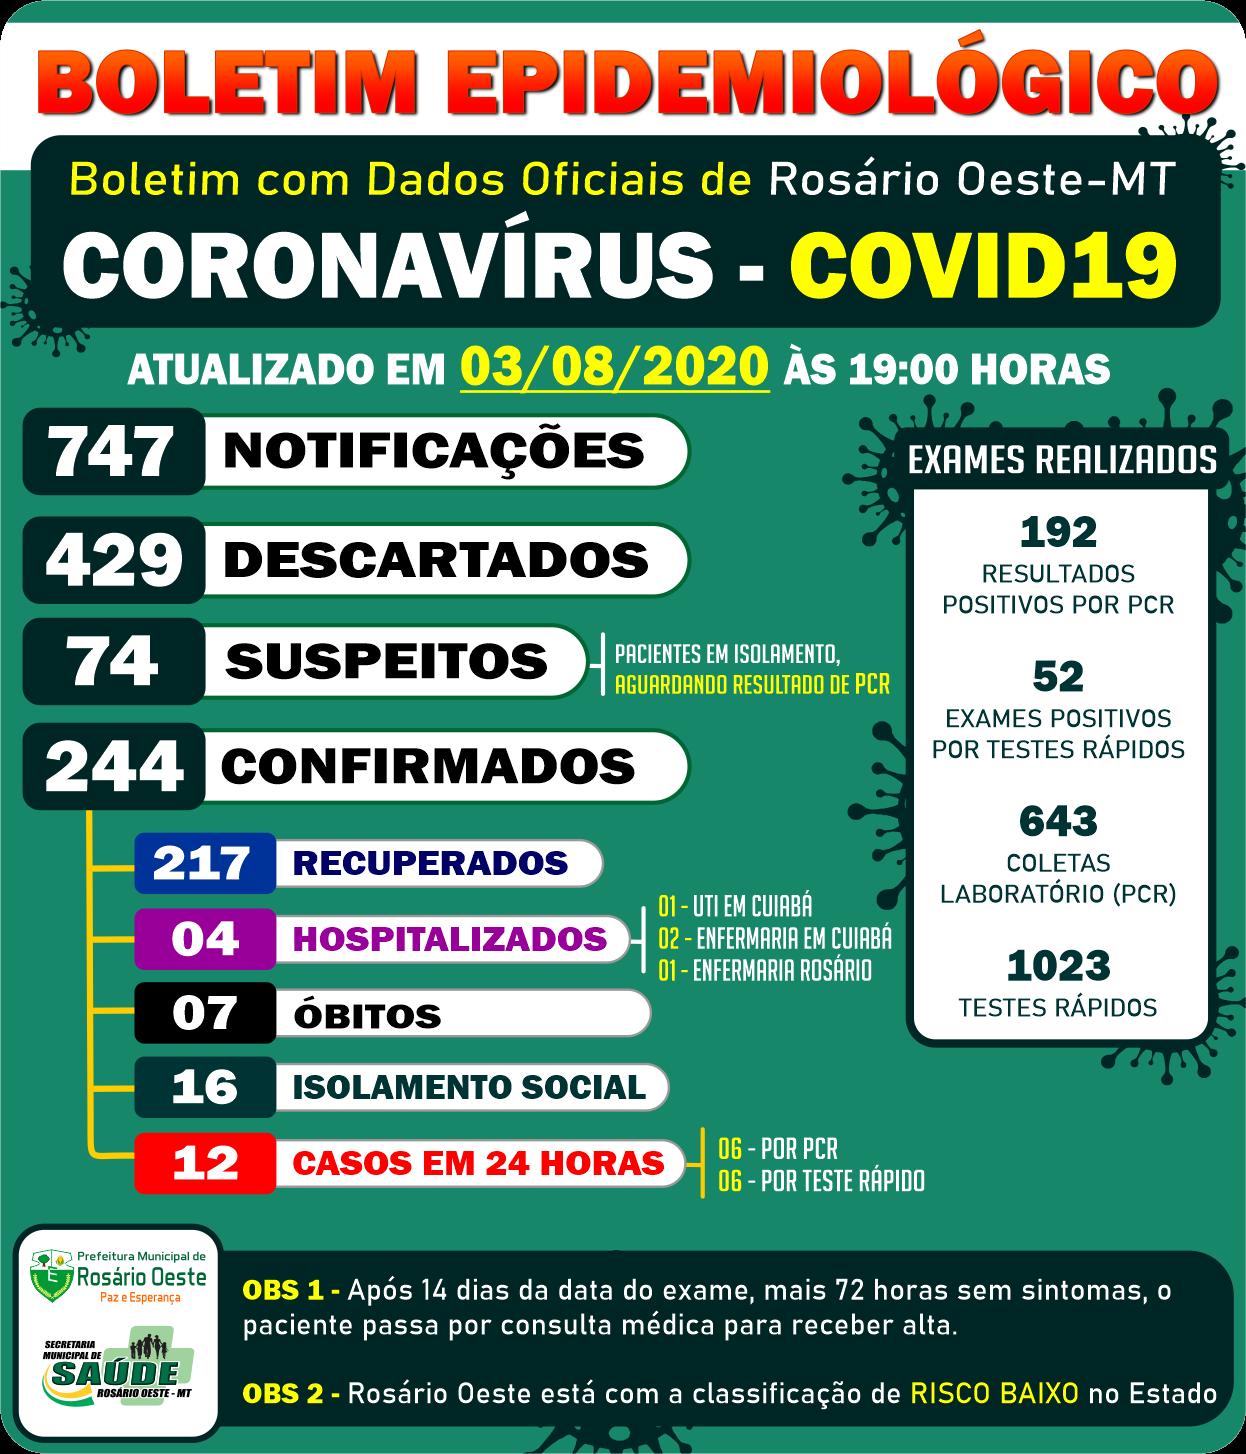 Rosário Oeste tem 244 casos de Covid19. 12 casos em 24 horas.